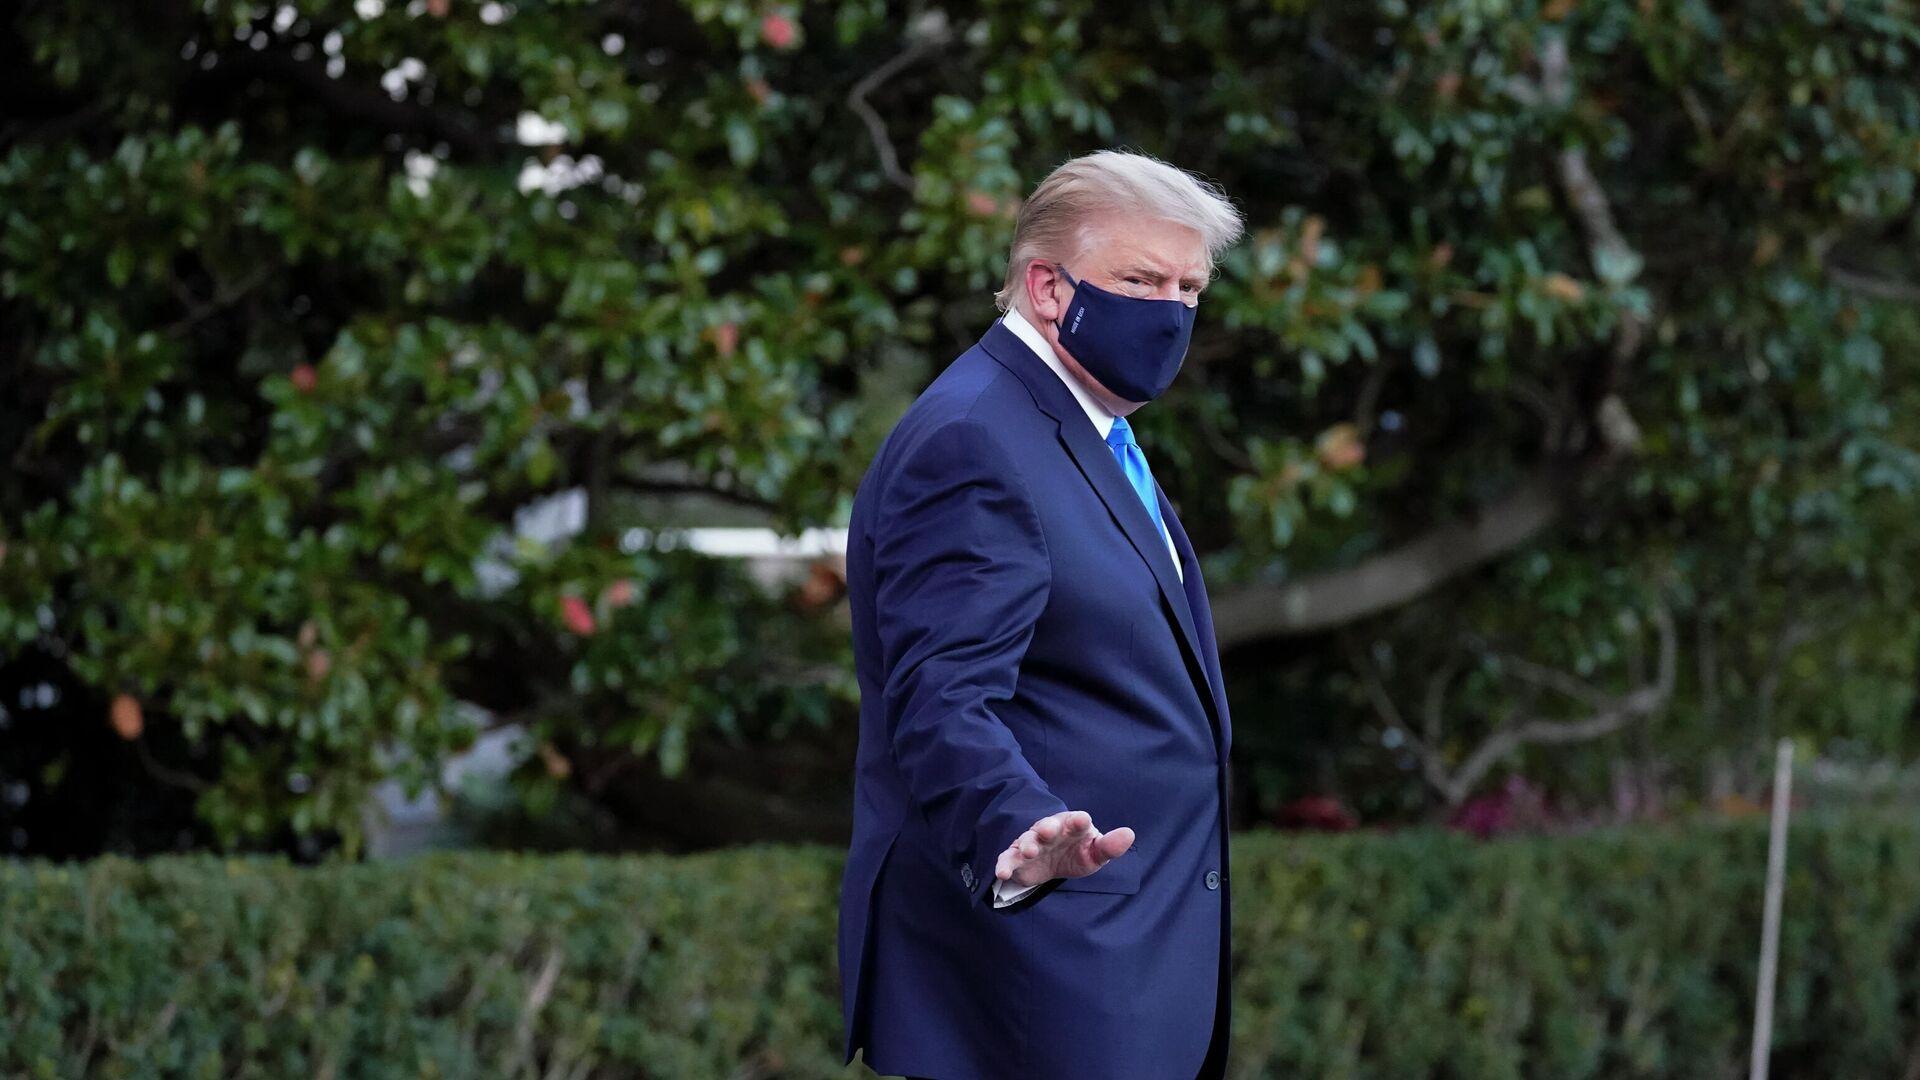 Дональд Трамп направляется в военный госпиталь - РИА Новости, 1920, 03.10.2020